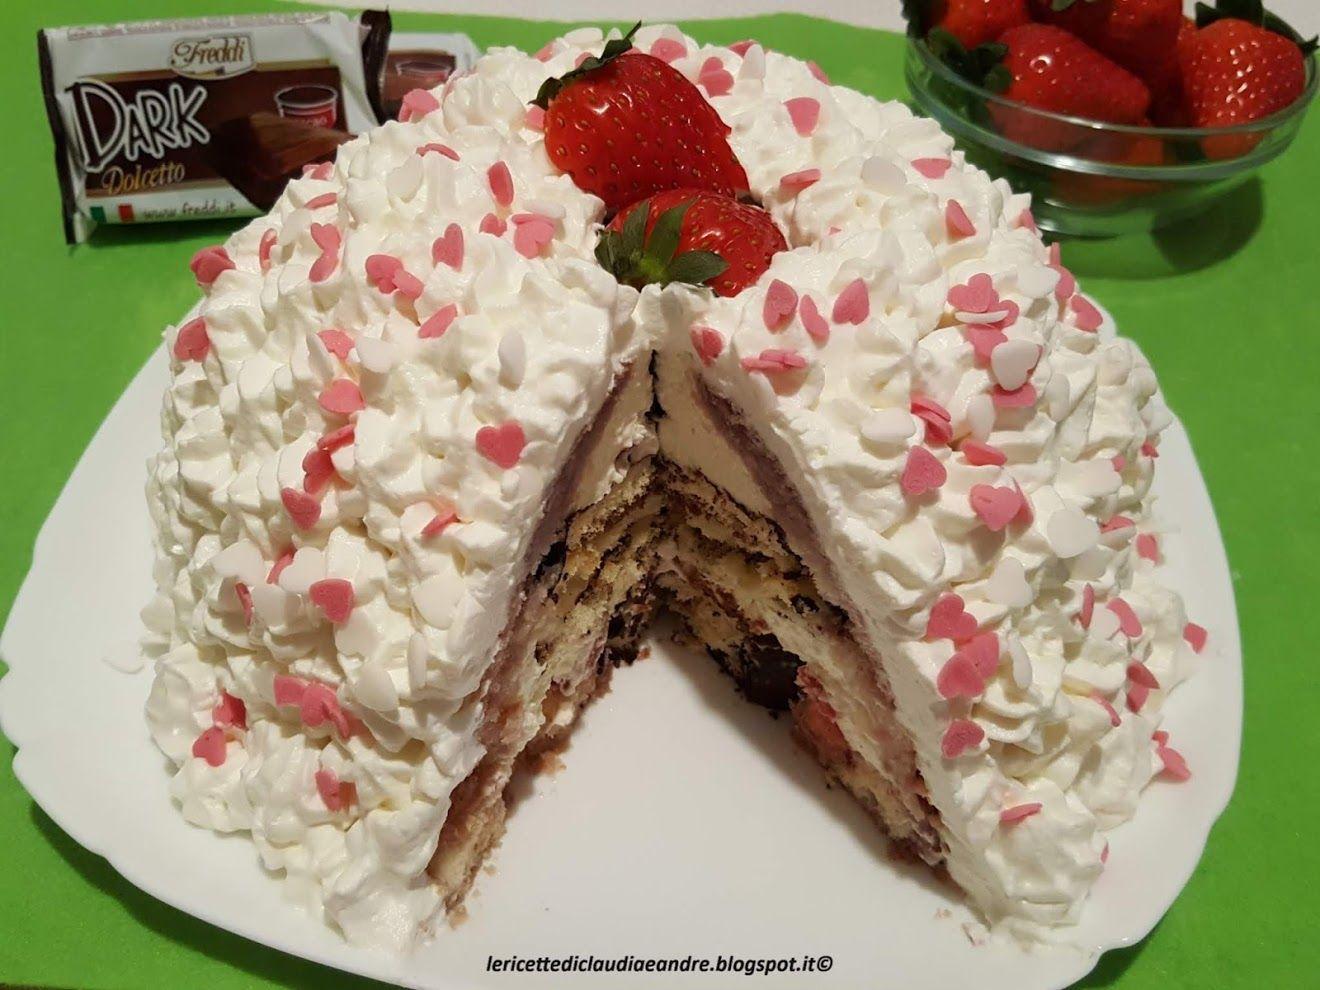 Torta di compleanno al cioccolato con crema al mascarpone